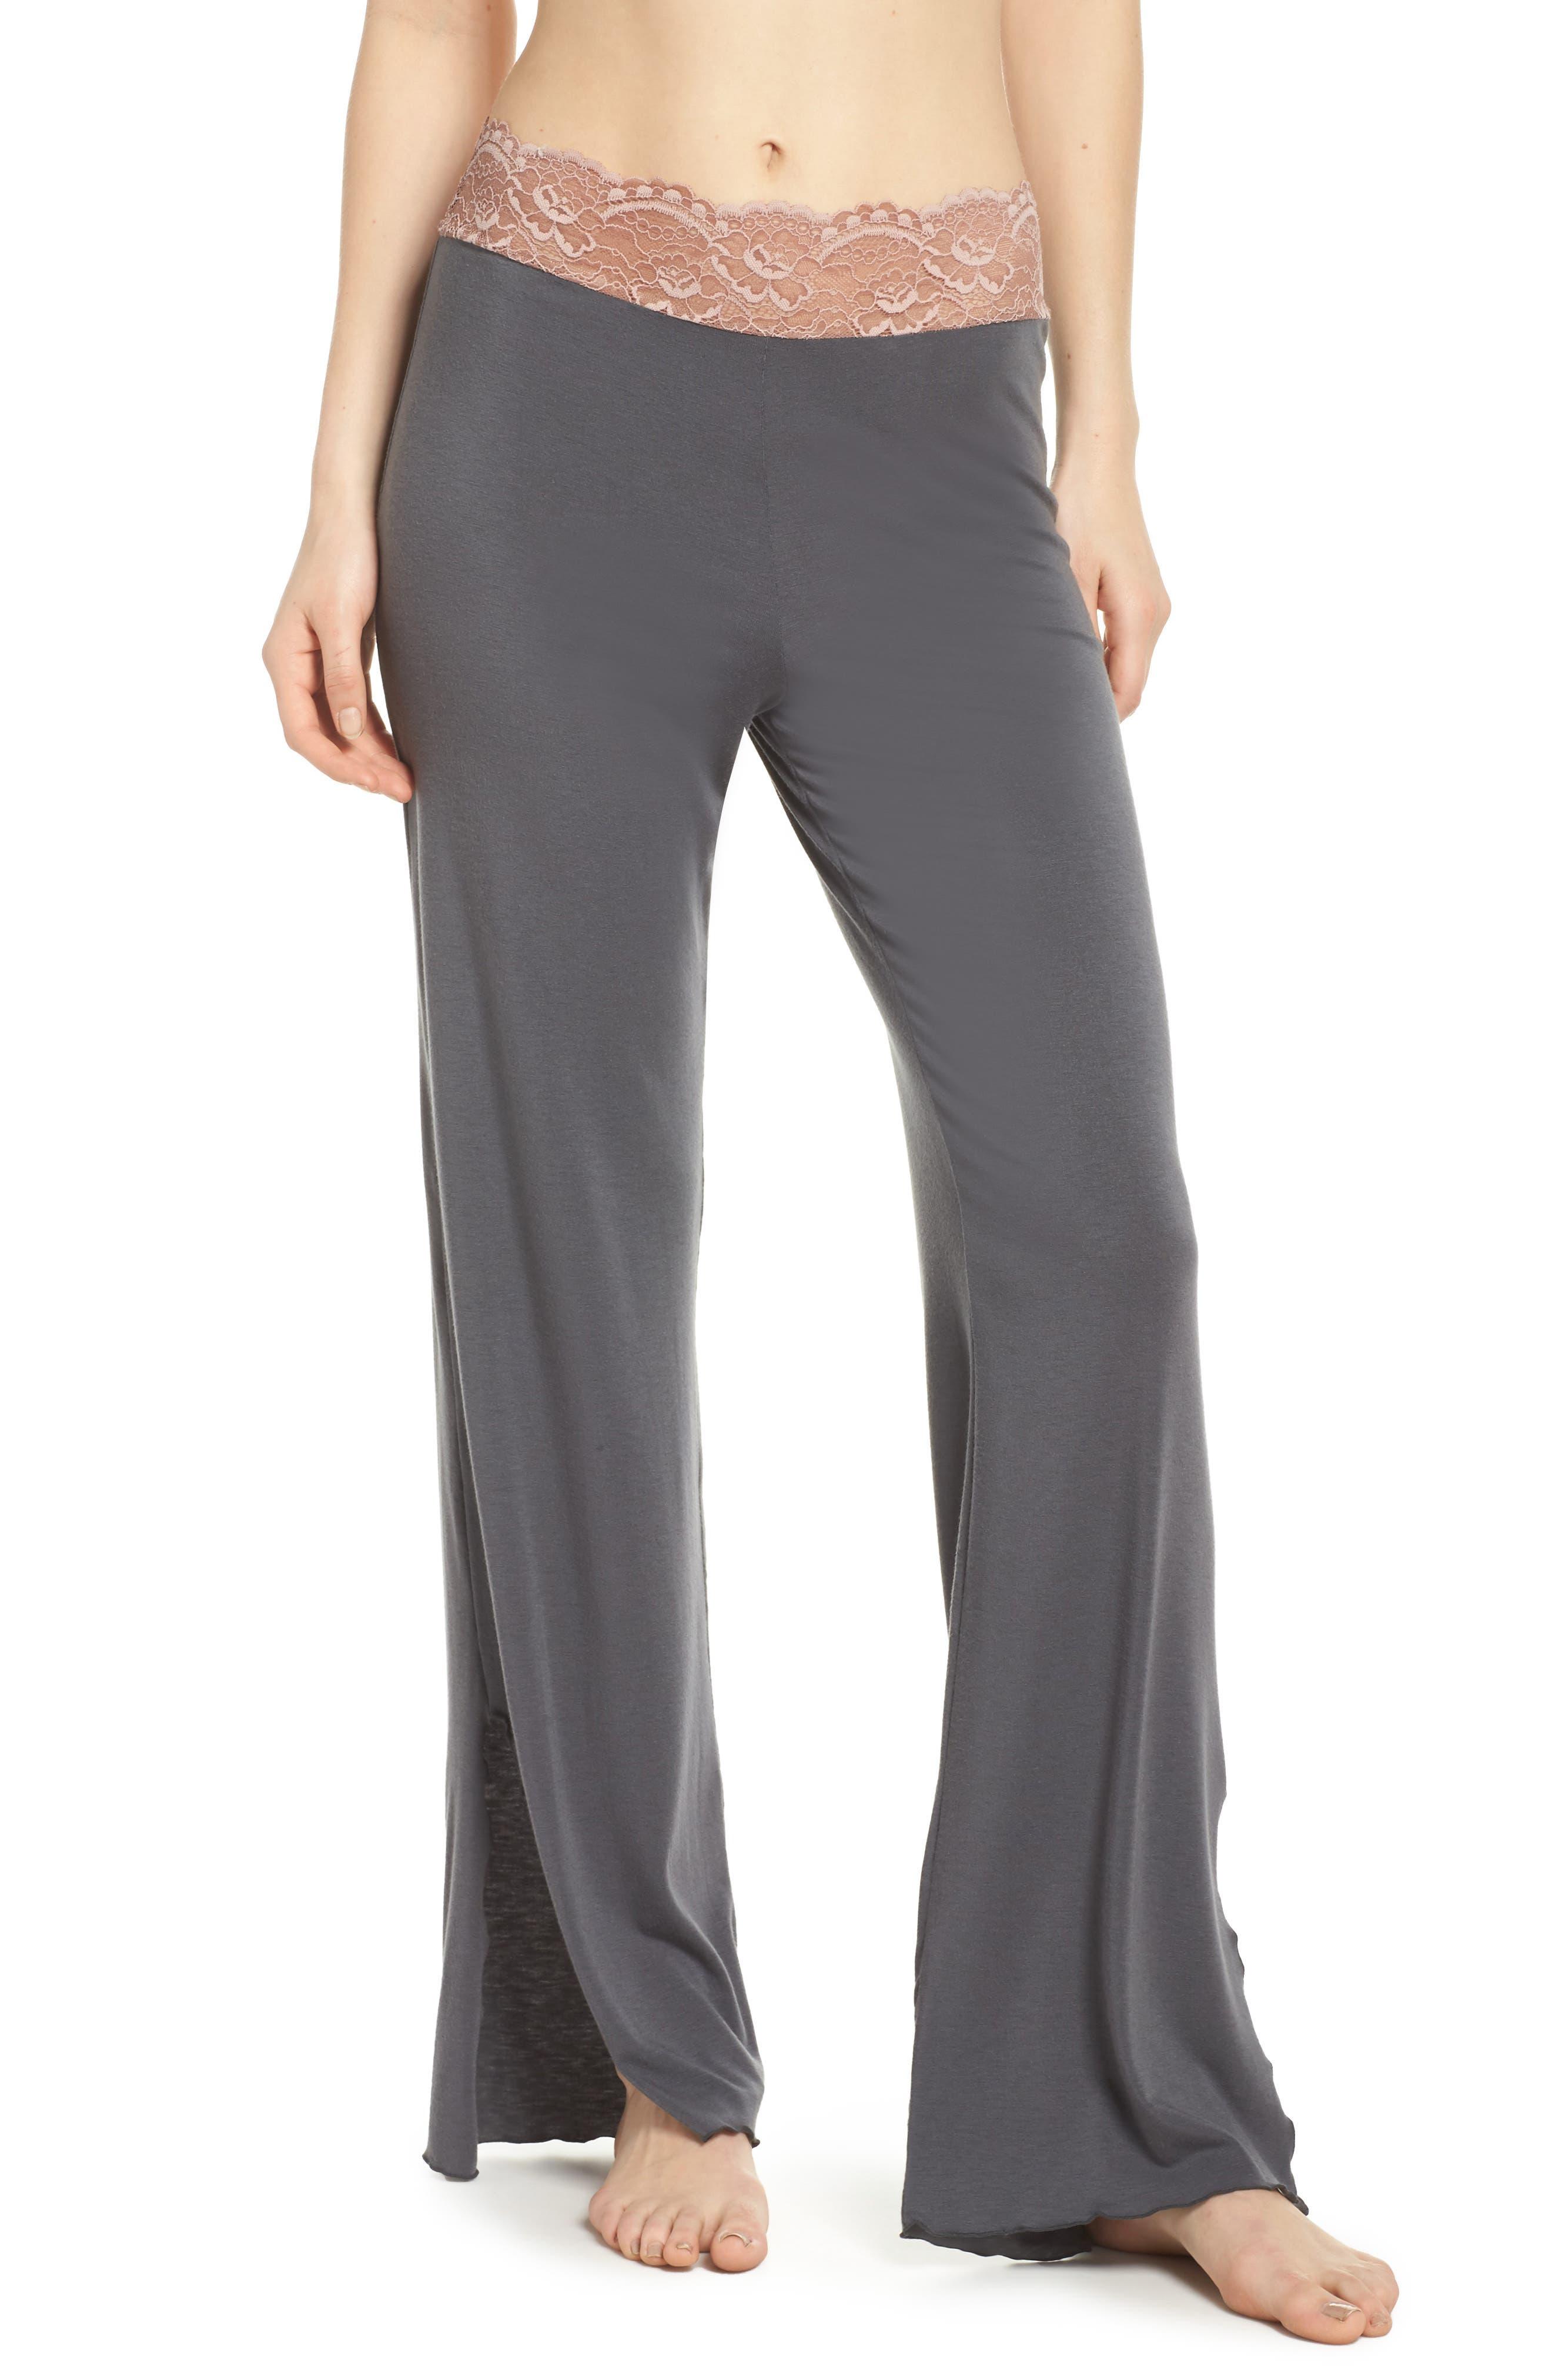 Lace Trim Pants,                             Main thumbnail 1, color,                             SLATE WITH JAVA LACE